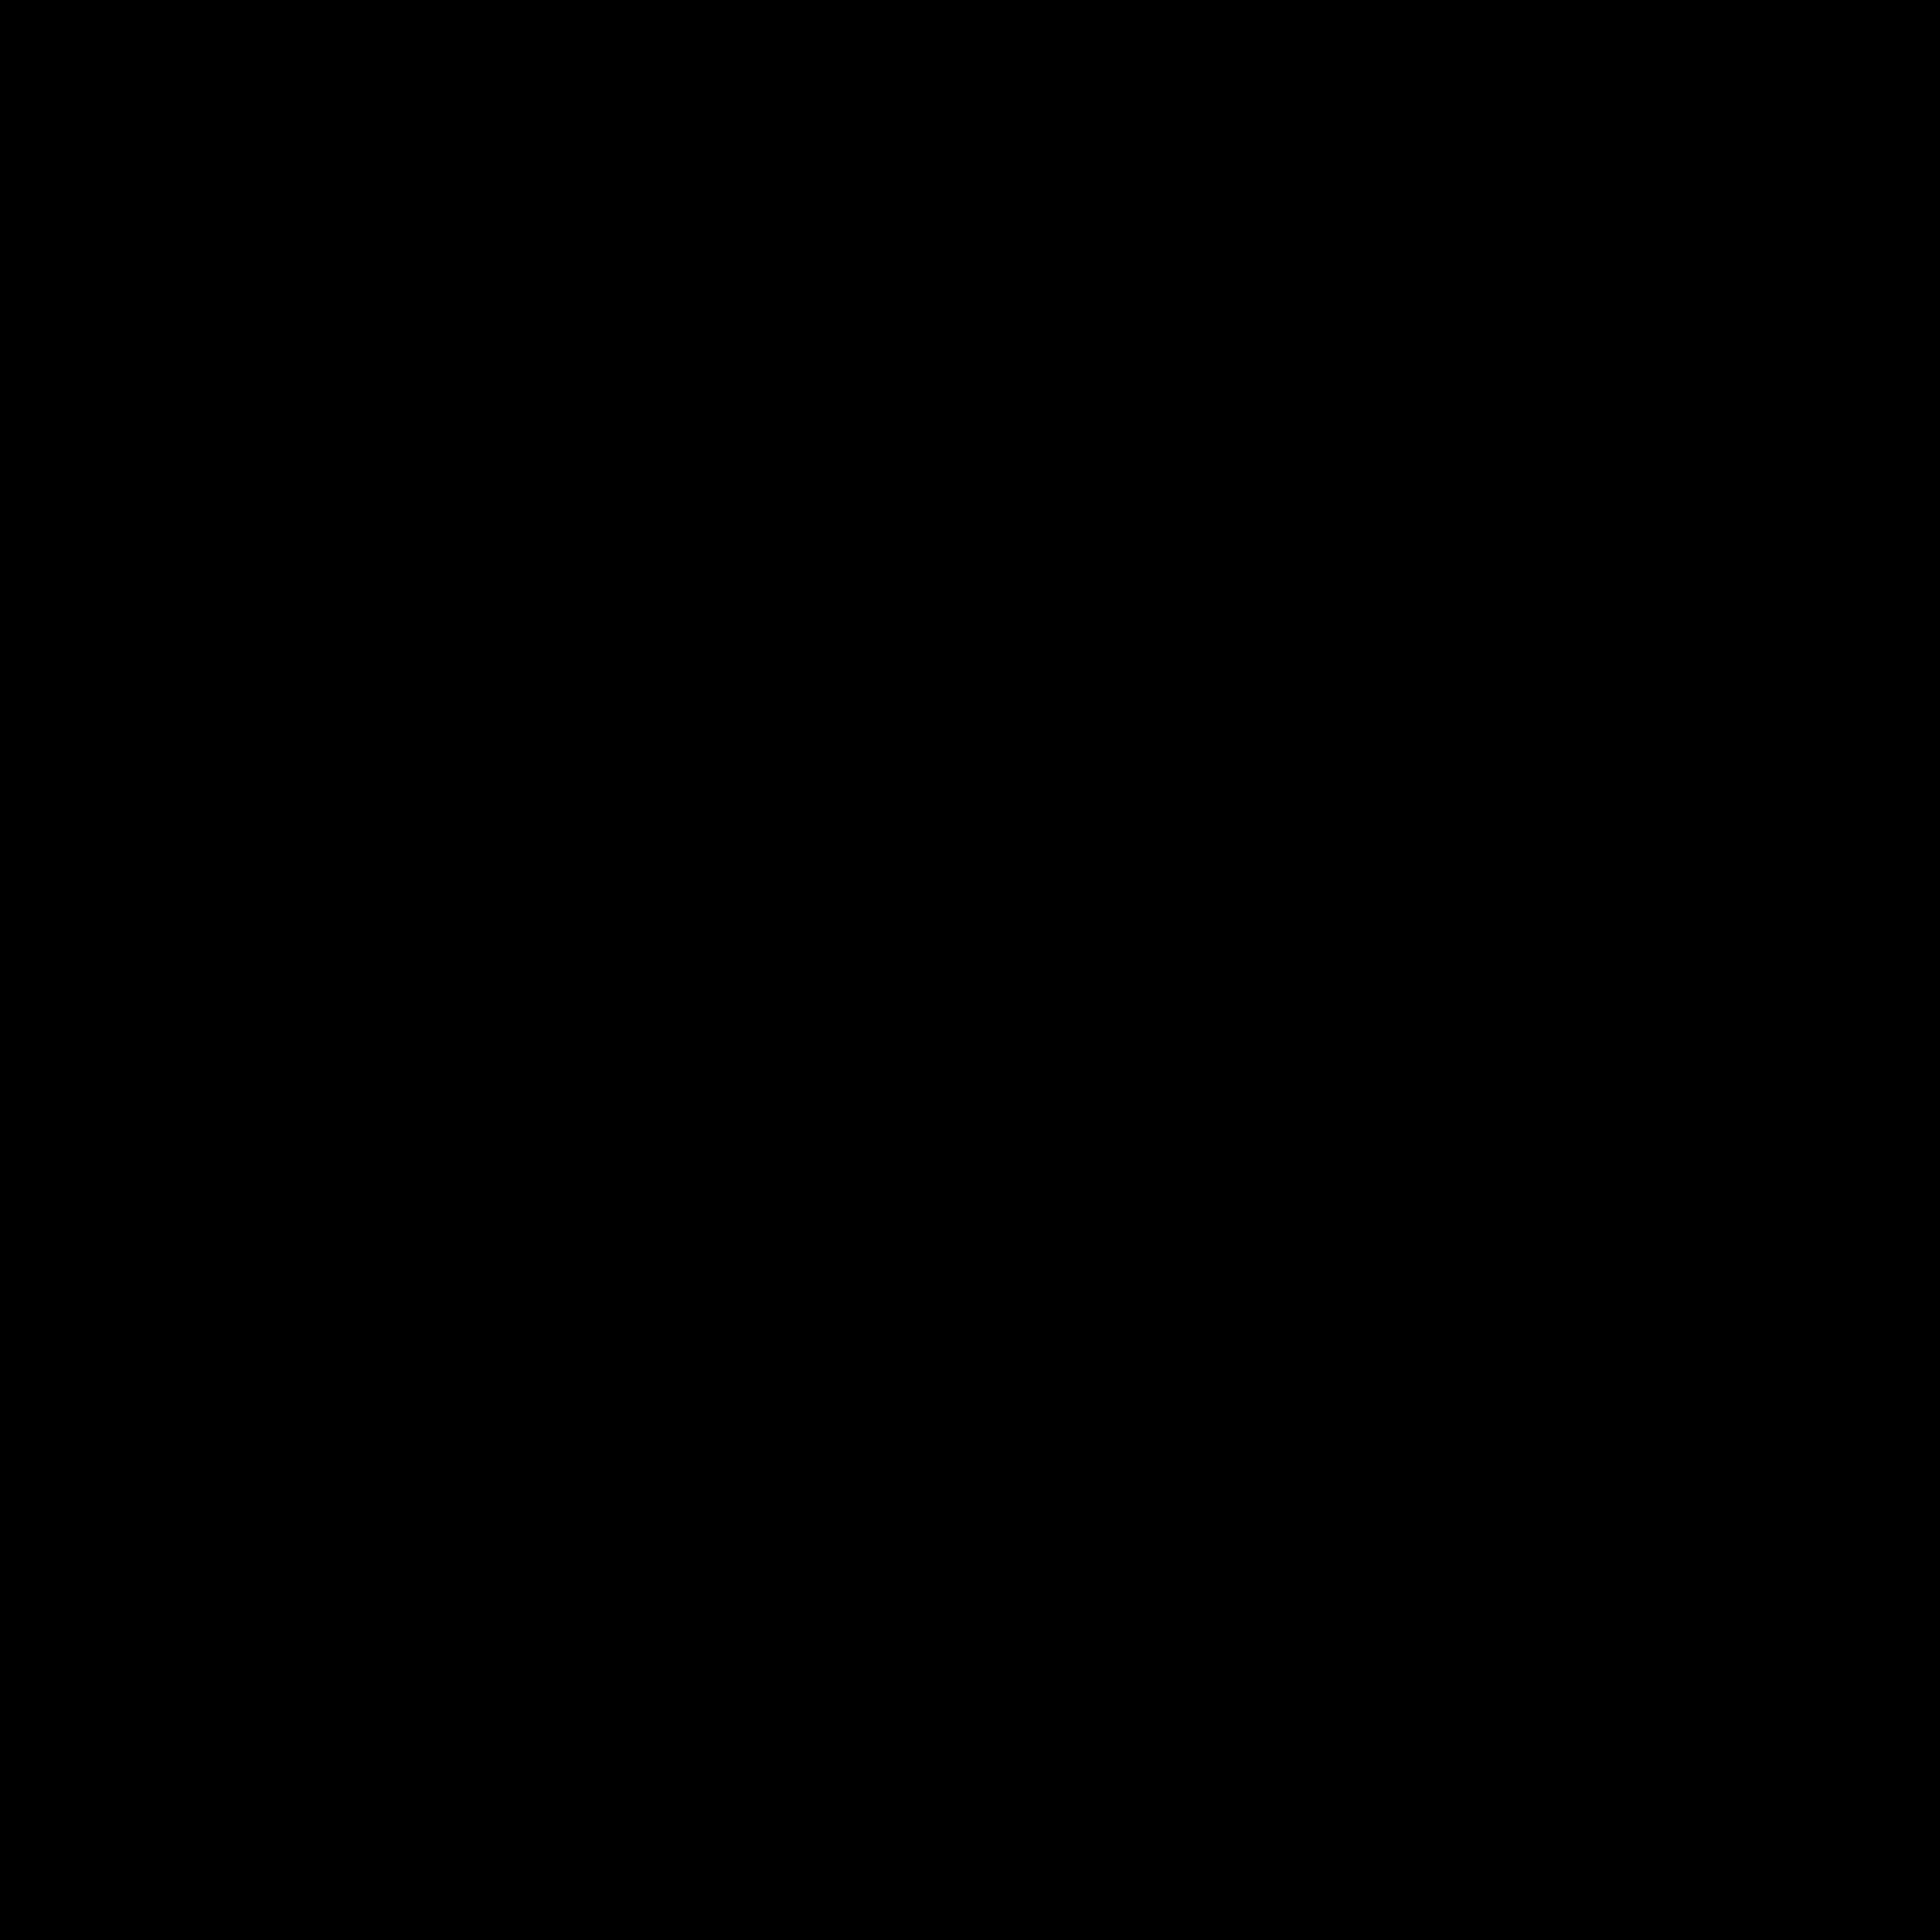 Naklejka na ścianę szuriken